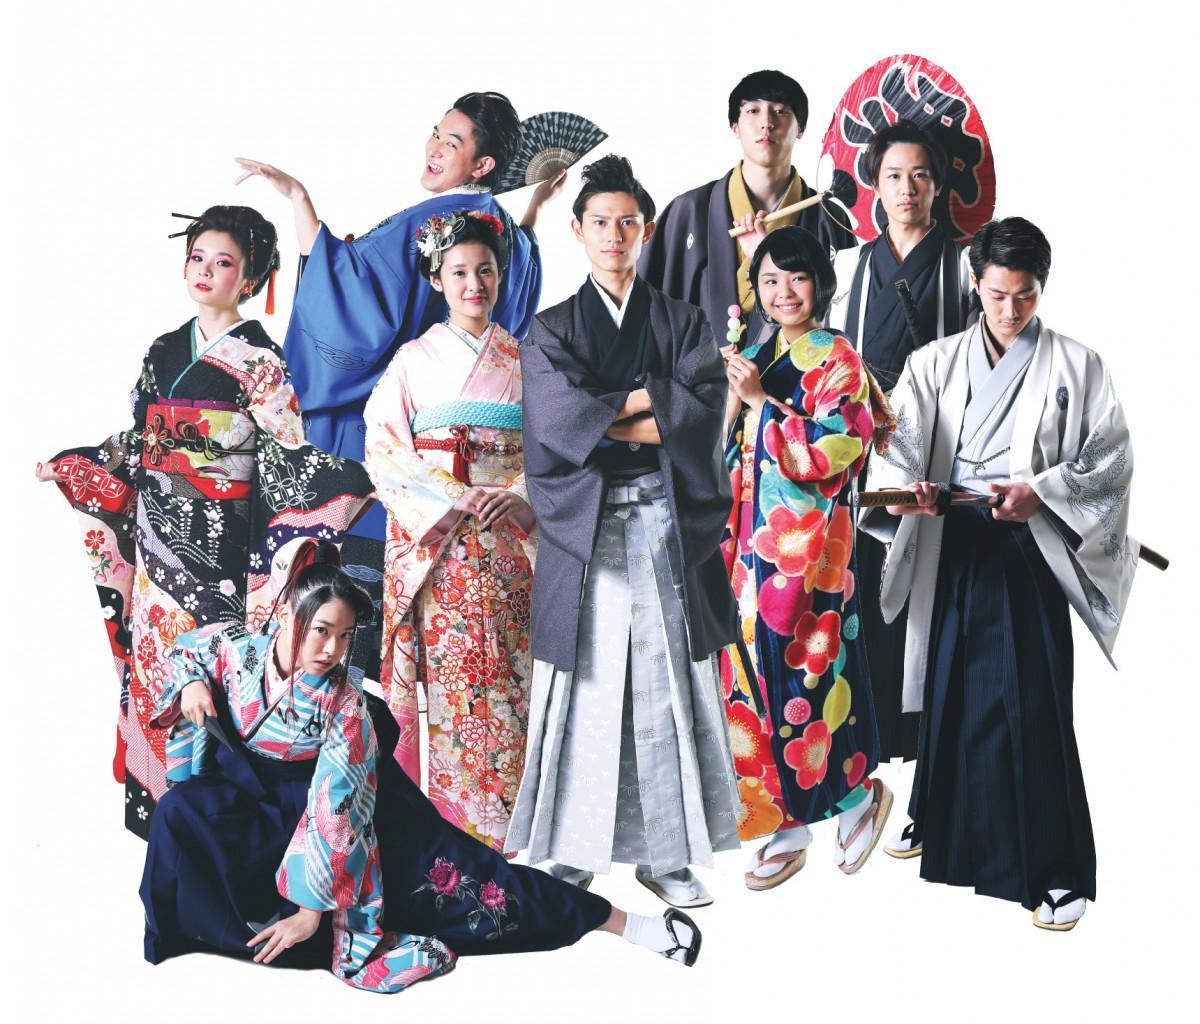 江戸時代の武将や町娘、商人などに扮(ふん)したイベントスタッフは広島のミスコンファイナリスト達